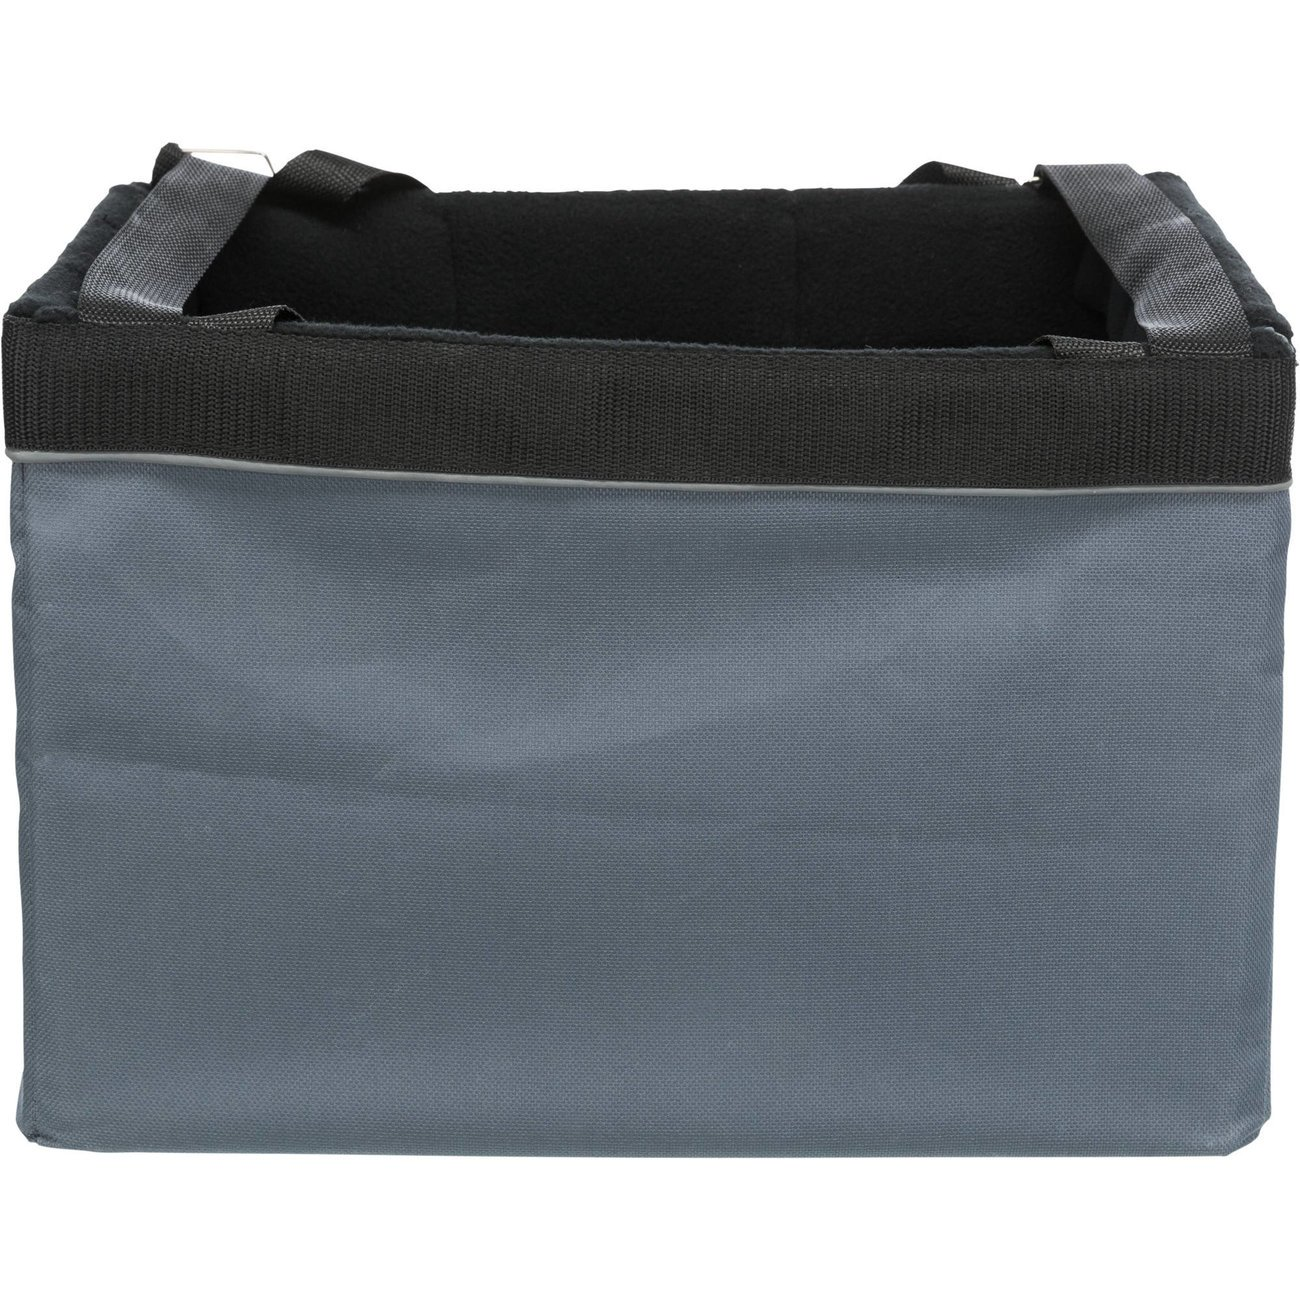 Trixie Fahrradtasche Front-Box, 38 × 25 × 25 cm, grau